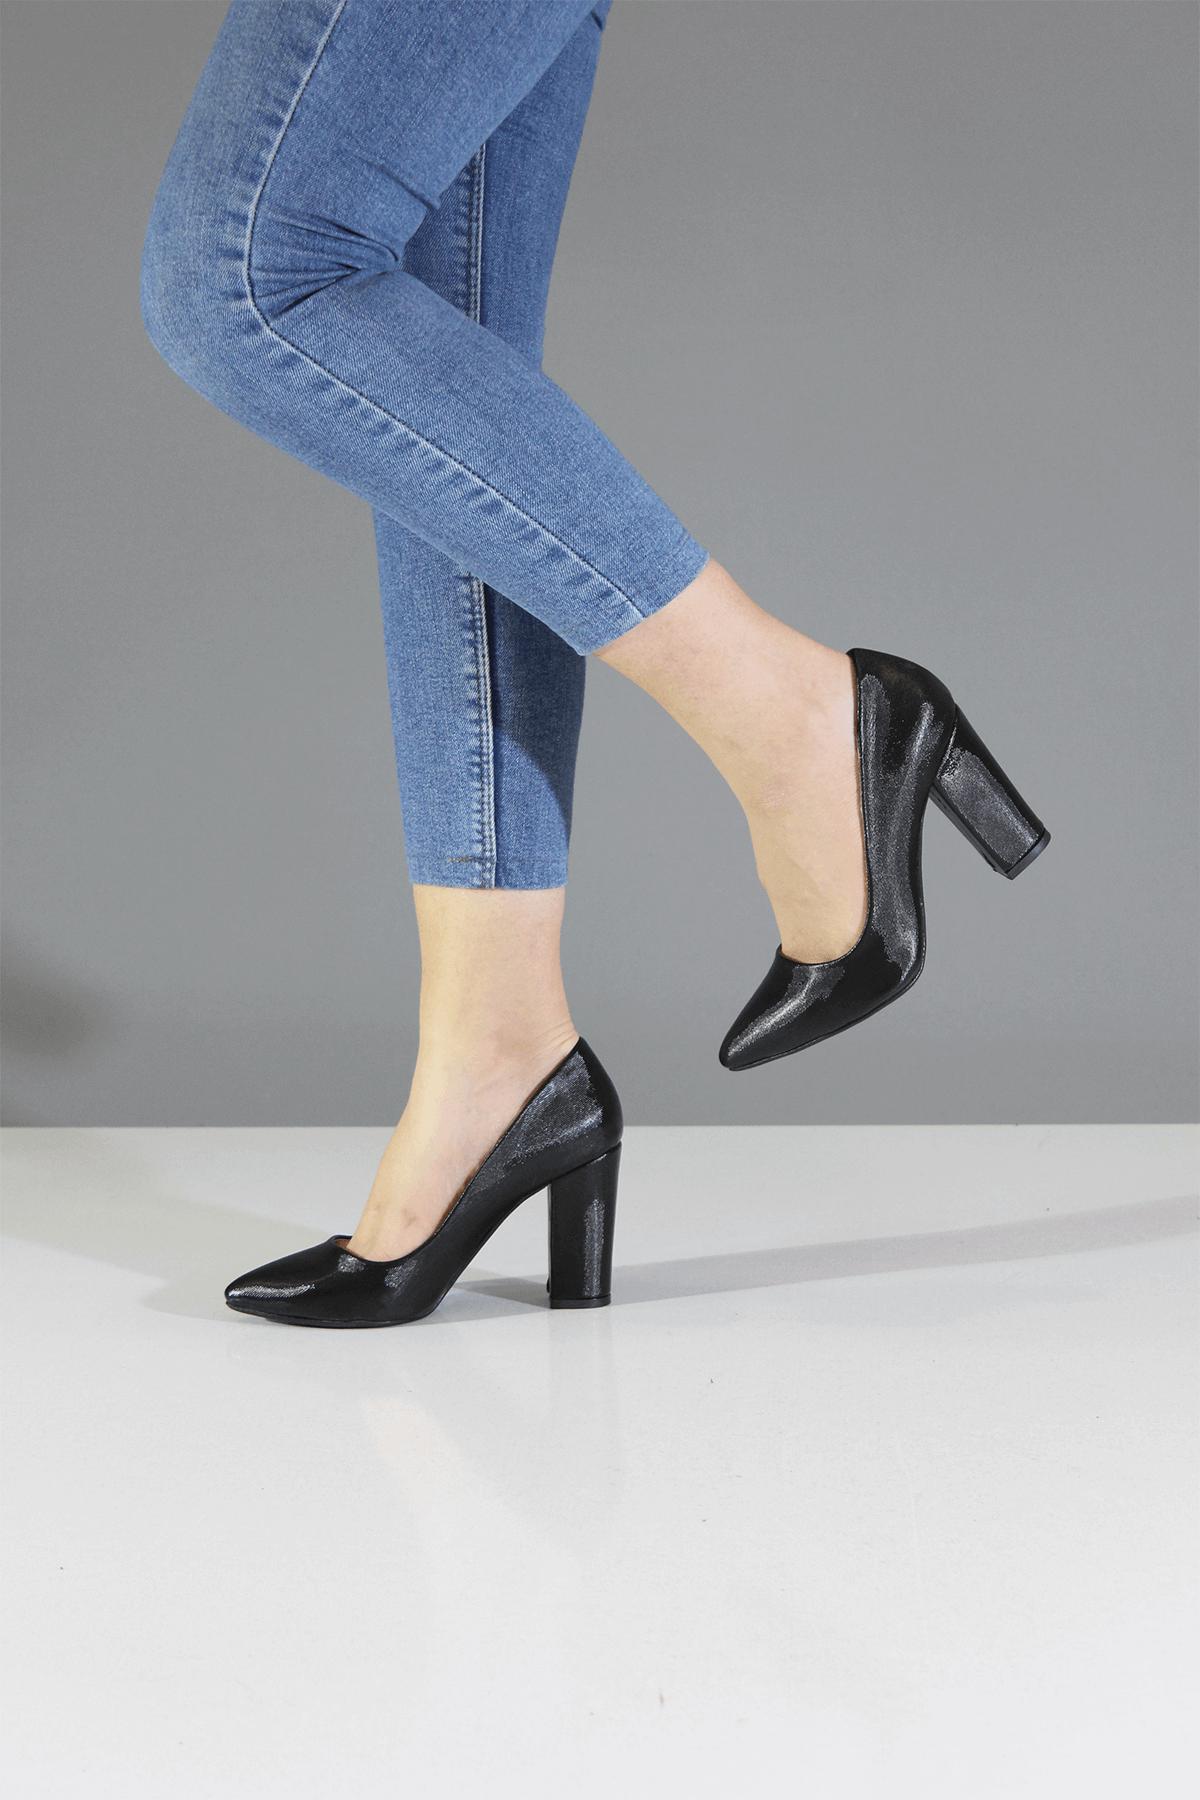 Siyah Parlak Stiletto Ayakkabı